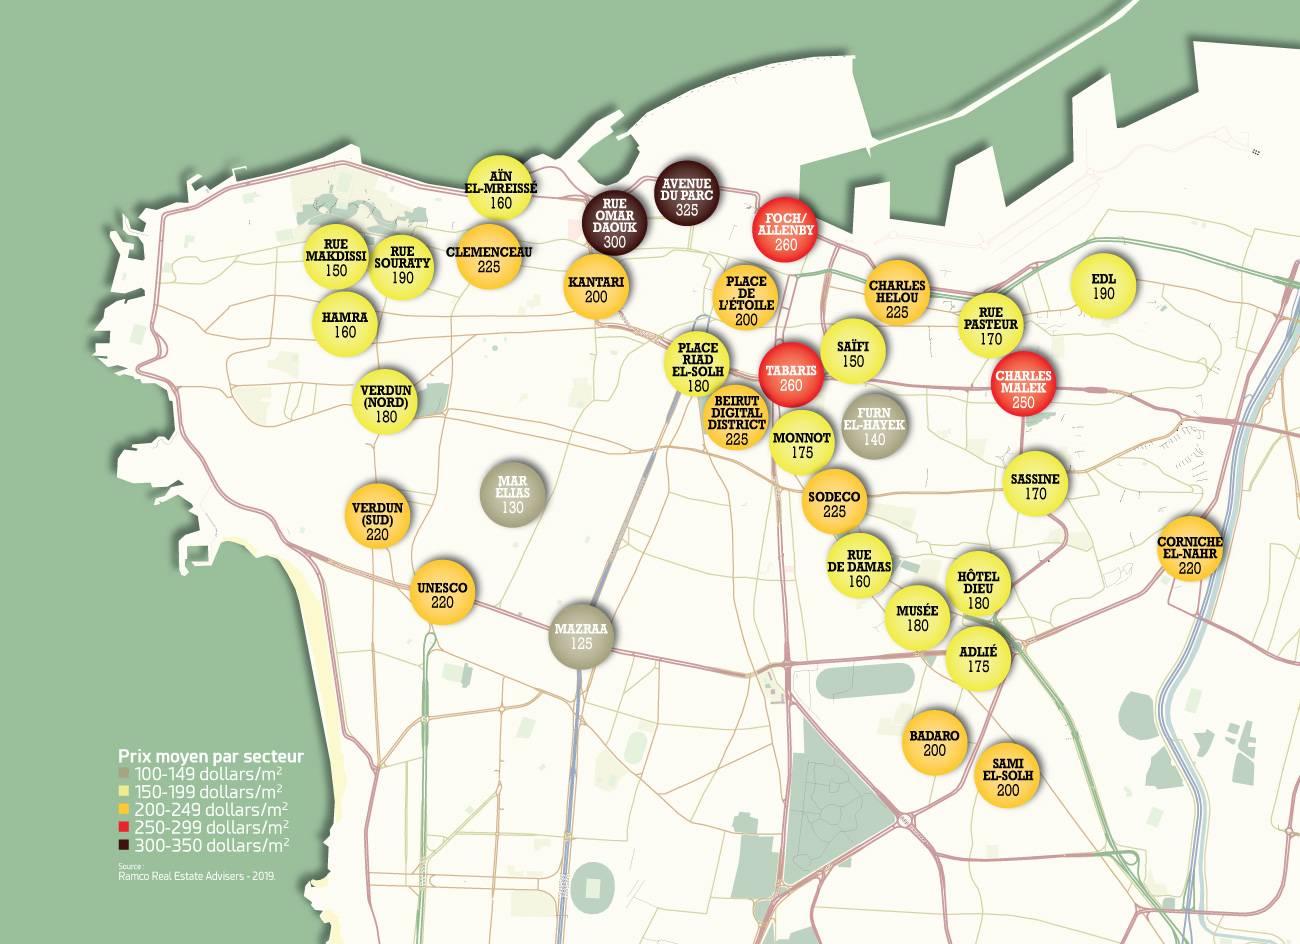 Location de bureaux à Beyrouth : les prix baissent